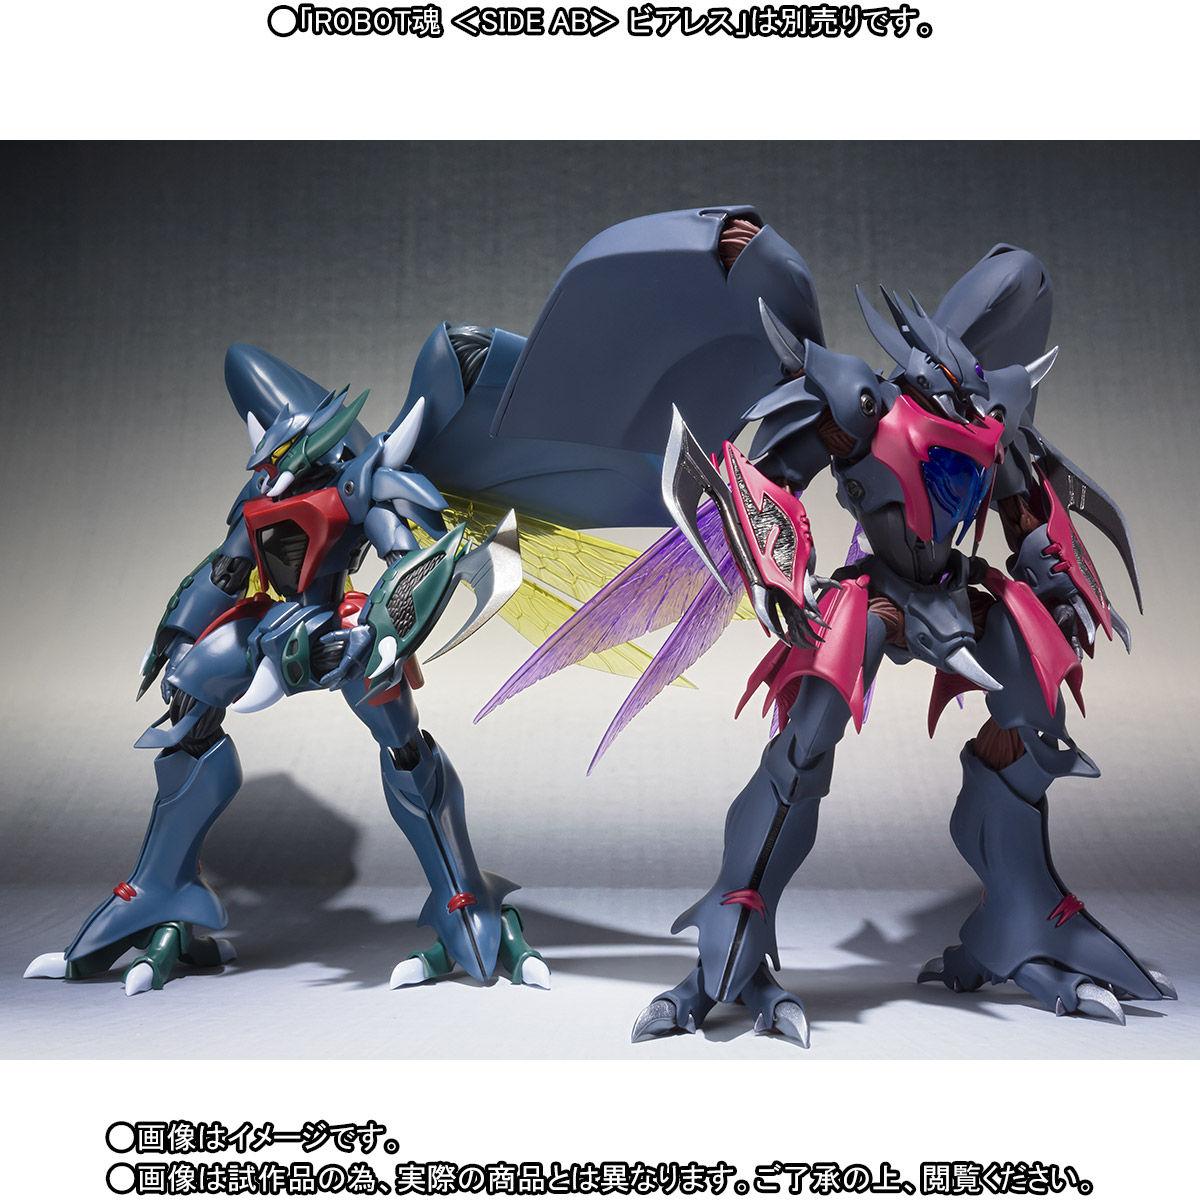 【限定販売】ROBOT魂〈SIDE AB〉『ビアレス(AURA FHANTASM)』ダンダムMSV 可動フィギュア-008